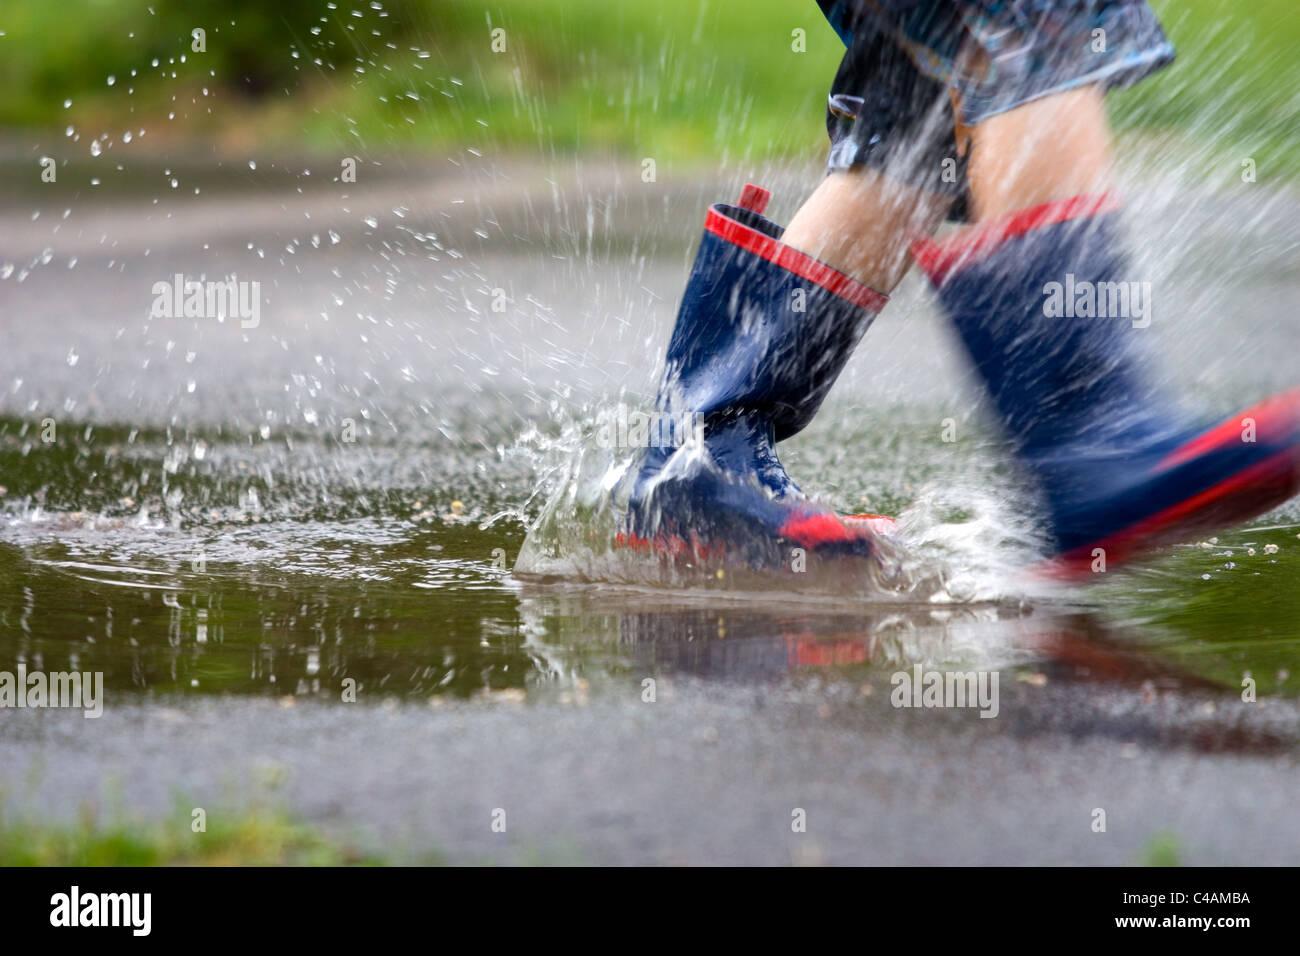 Bottes de pluie s'éclabousser dans une flaque Banque D'Images